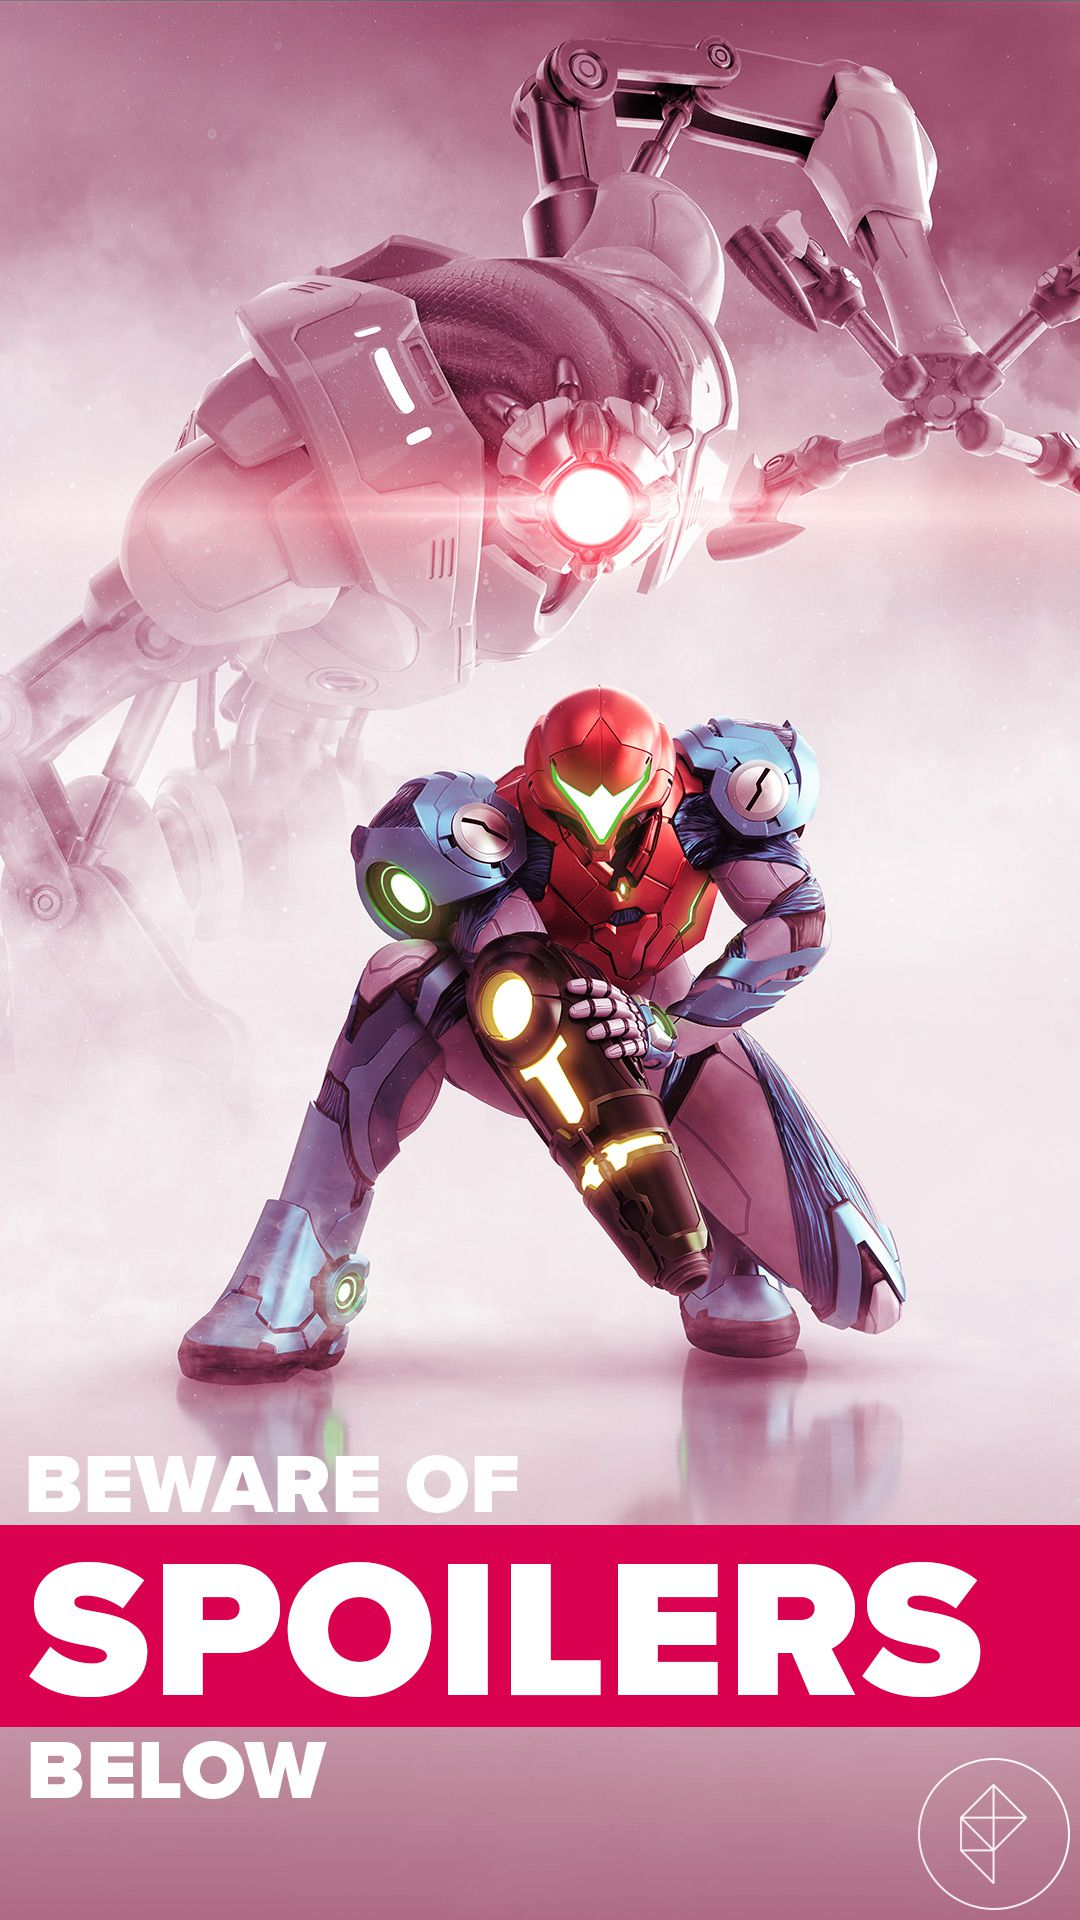 Metroid Dread spoiler image